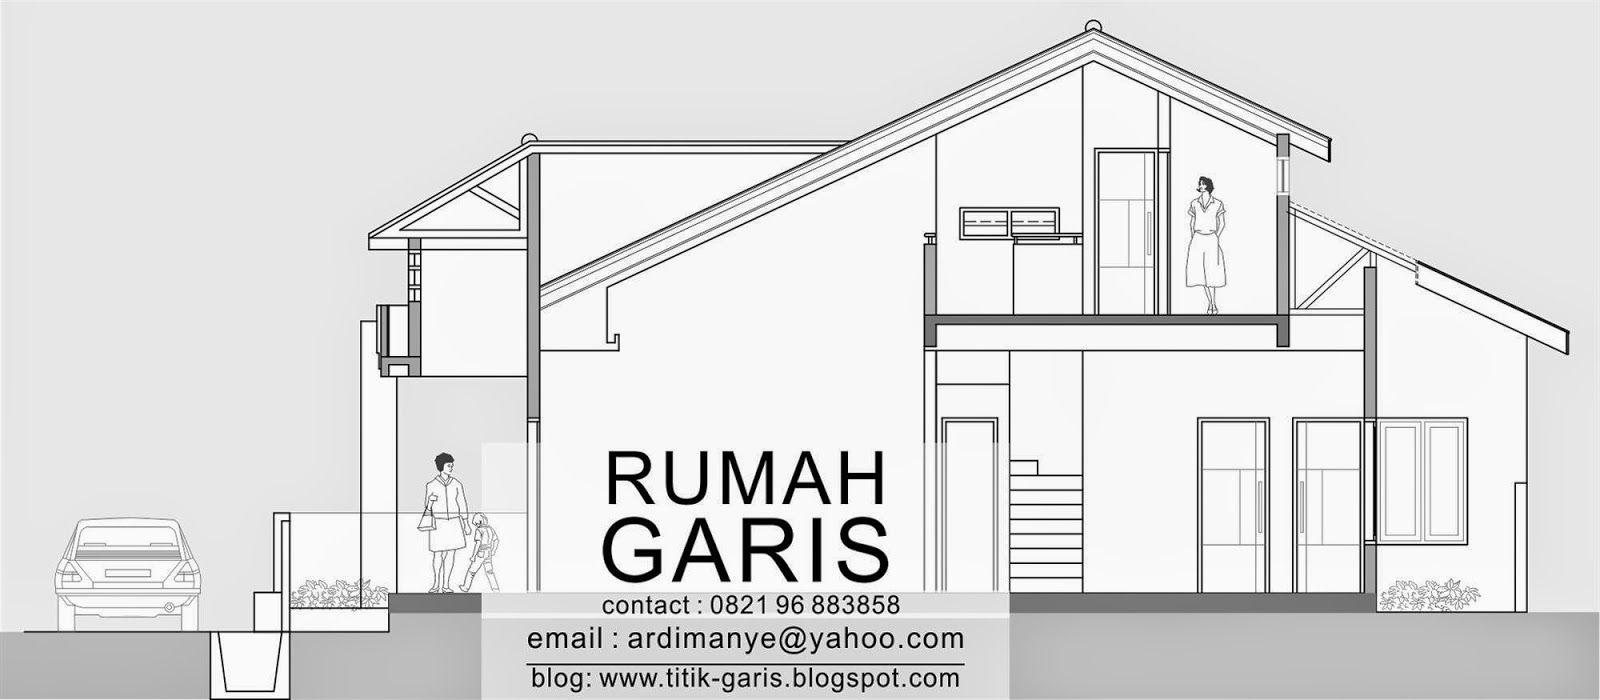 Potongan Arsitektur Model Rumah Takalar Gowa Makassar Jpg 1600 700 Denah Lantai Rumah Rumah Desain Rumah